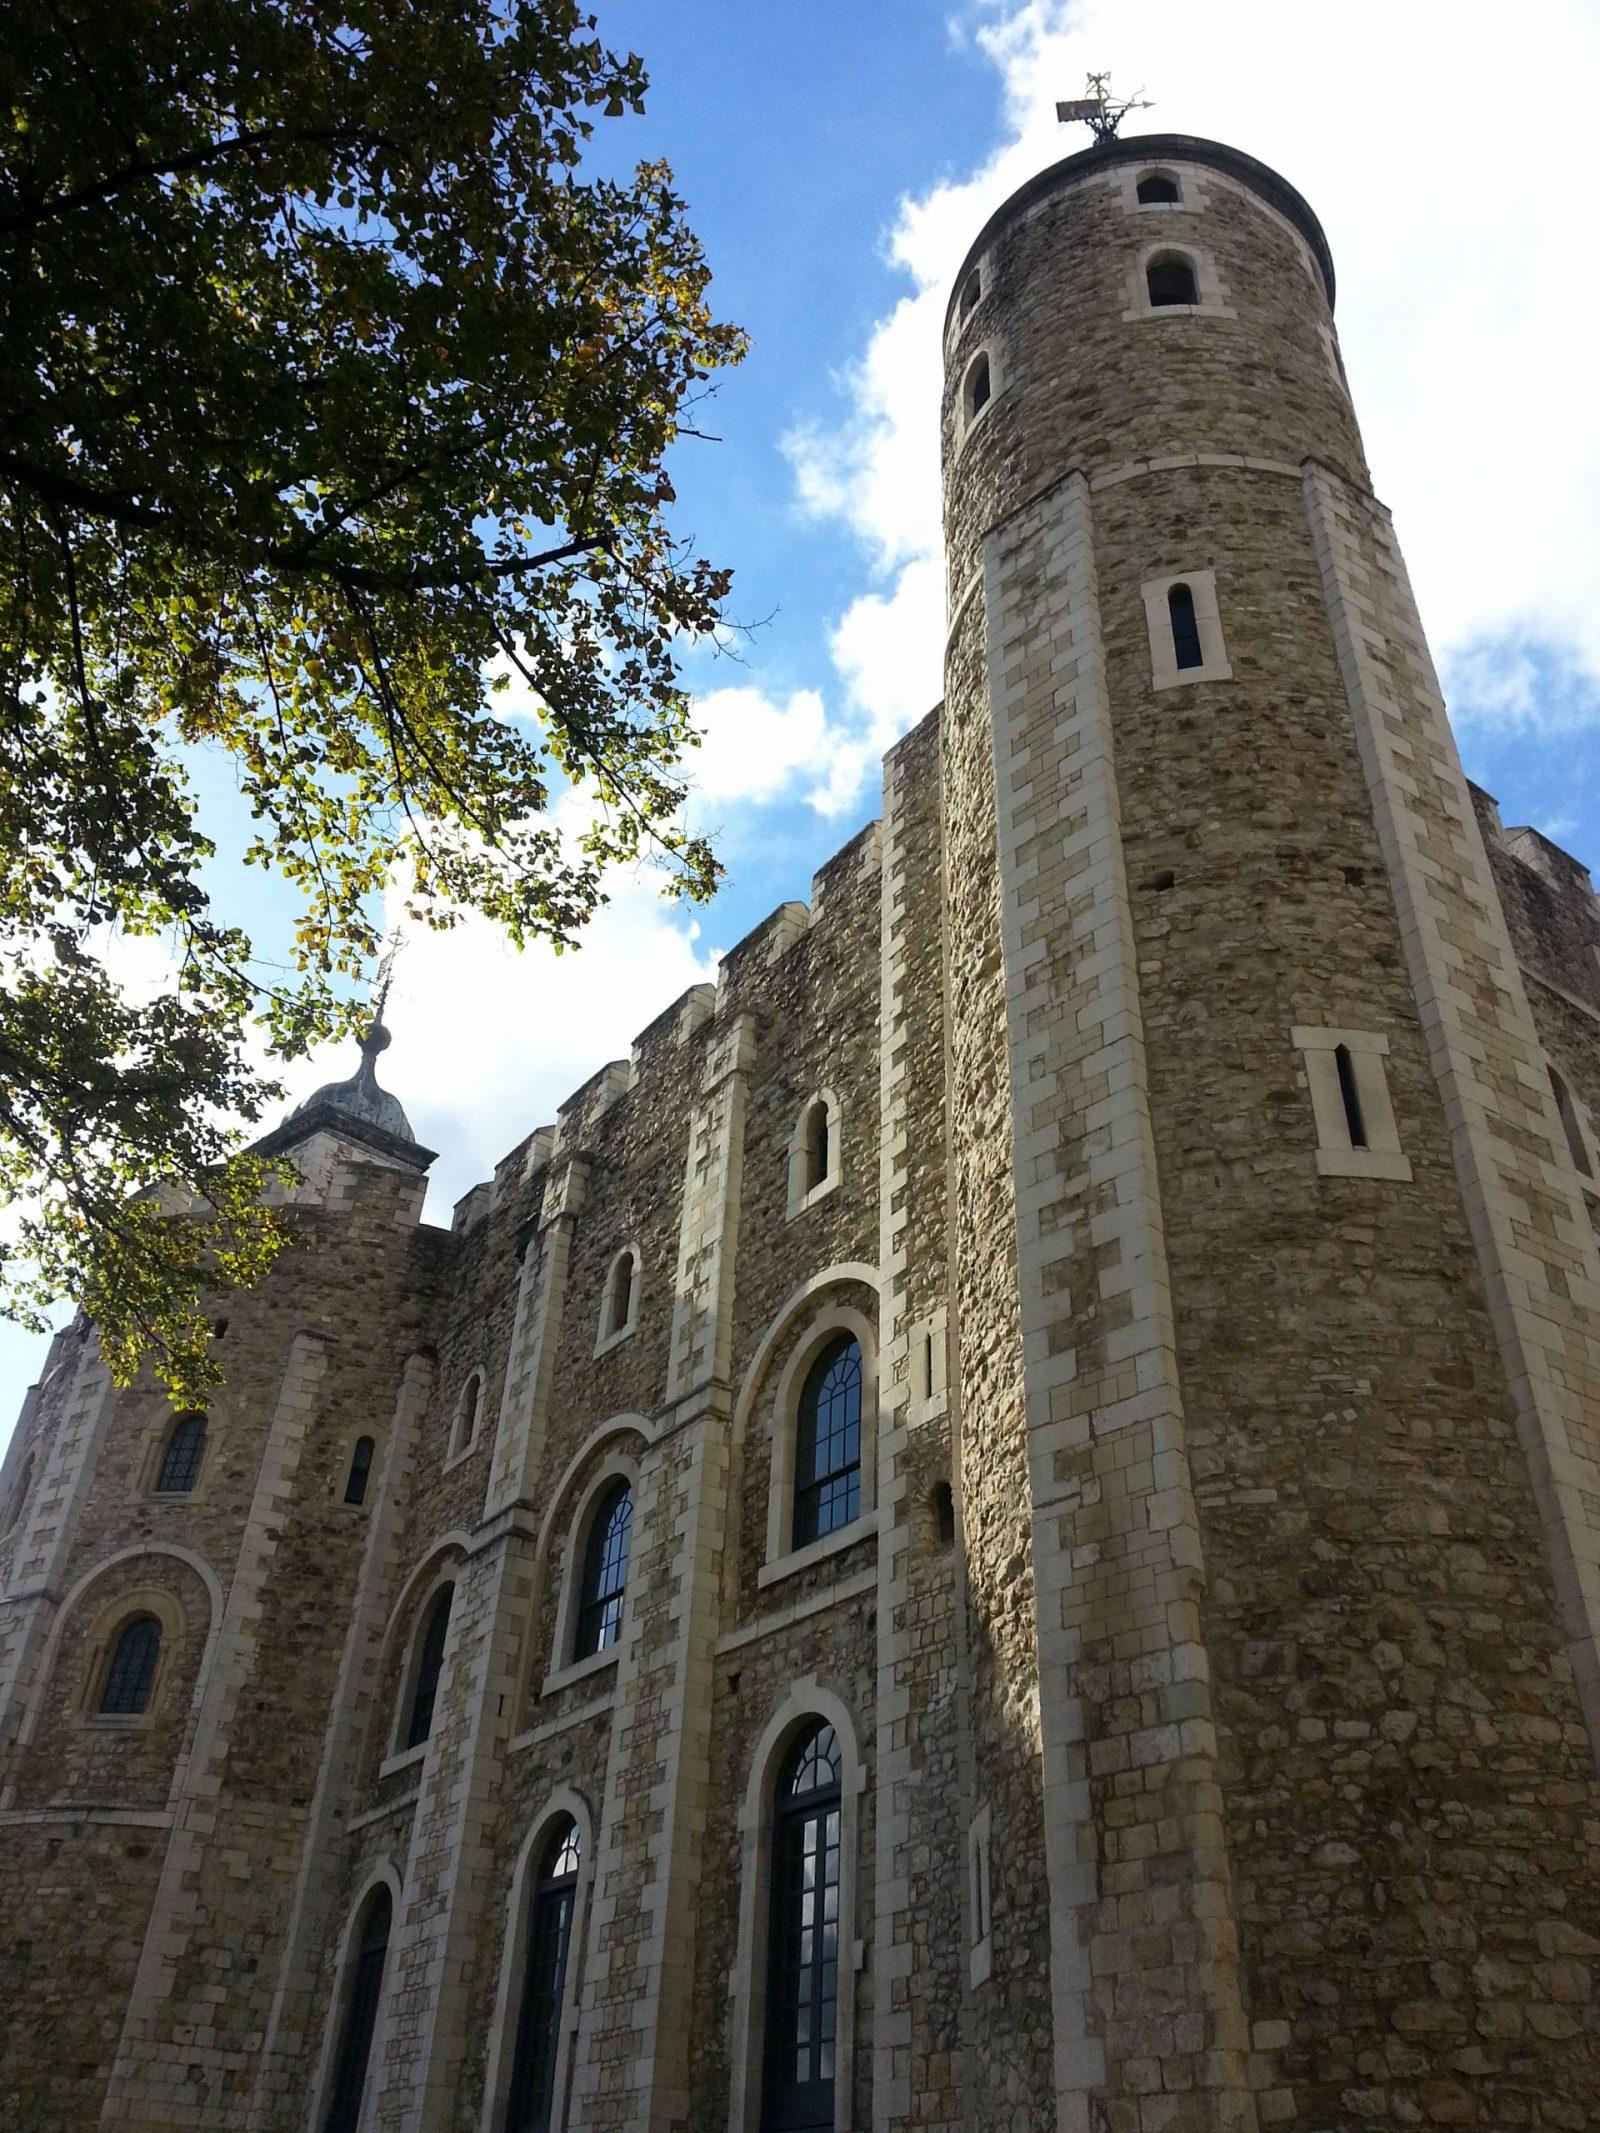 weekend in London tower-of-london-trip